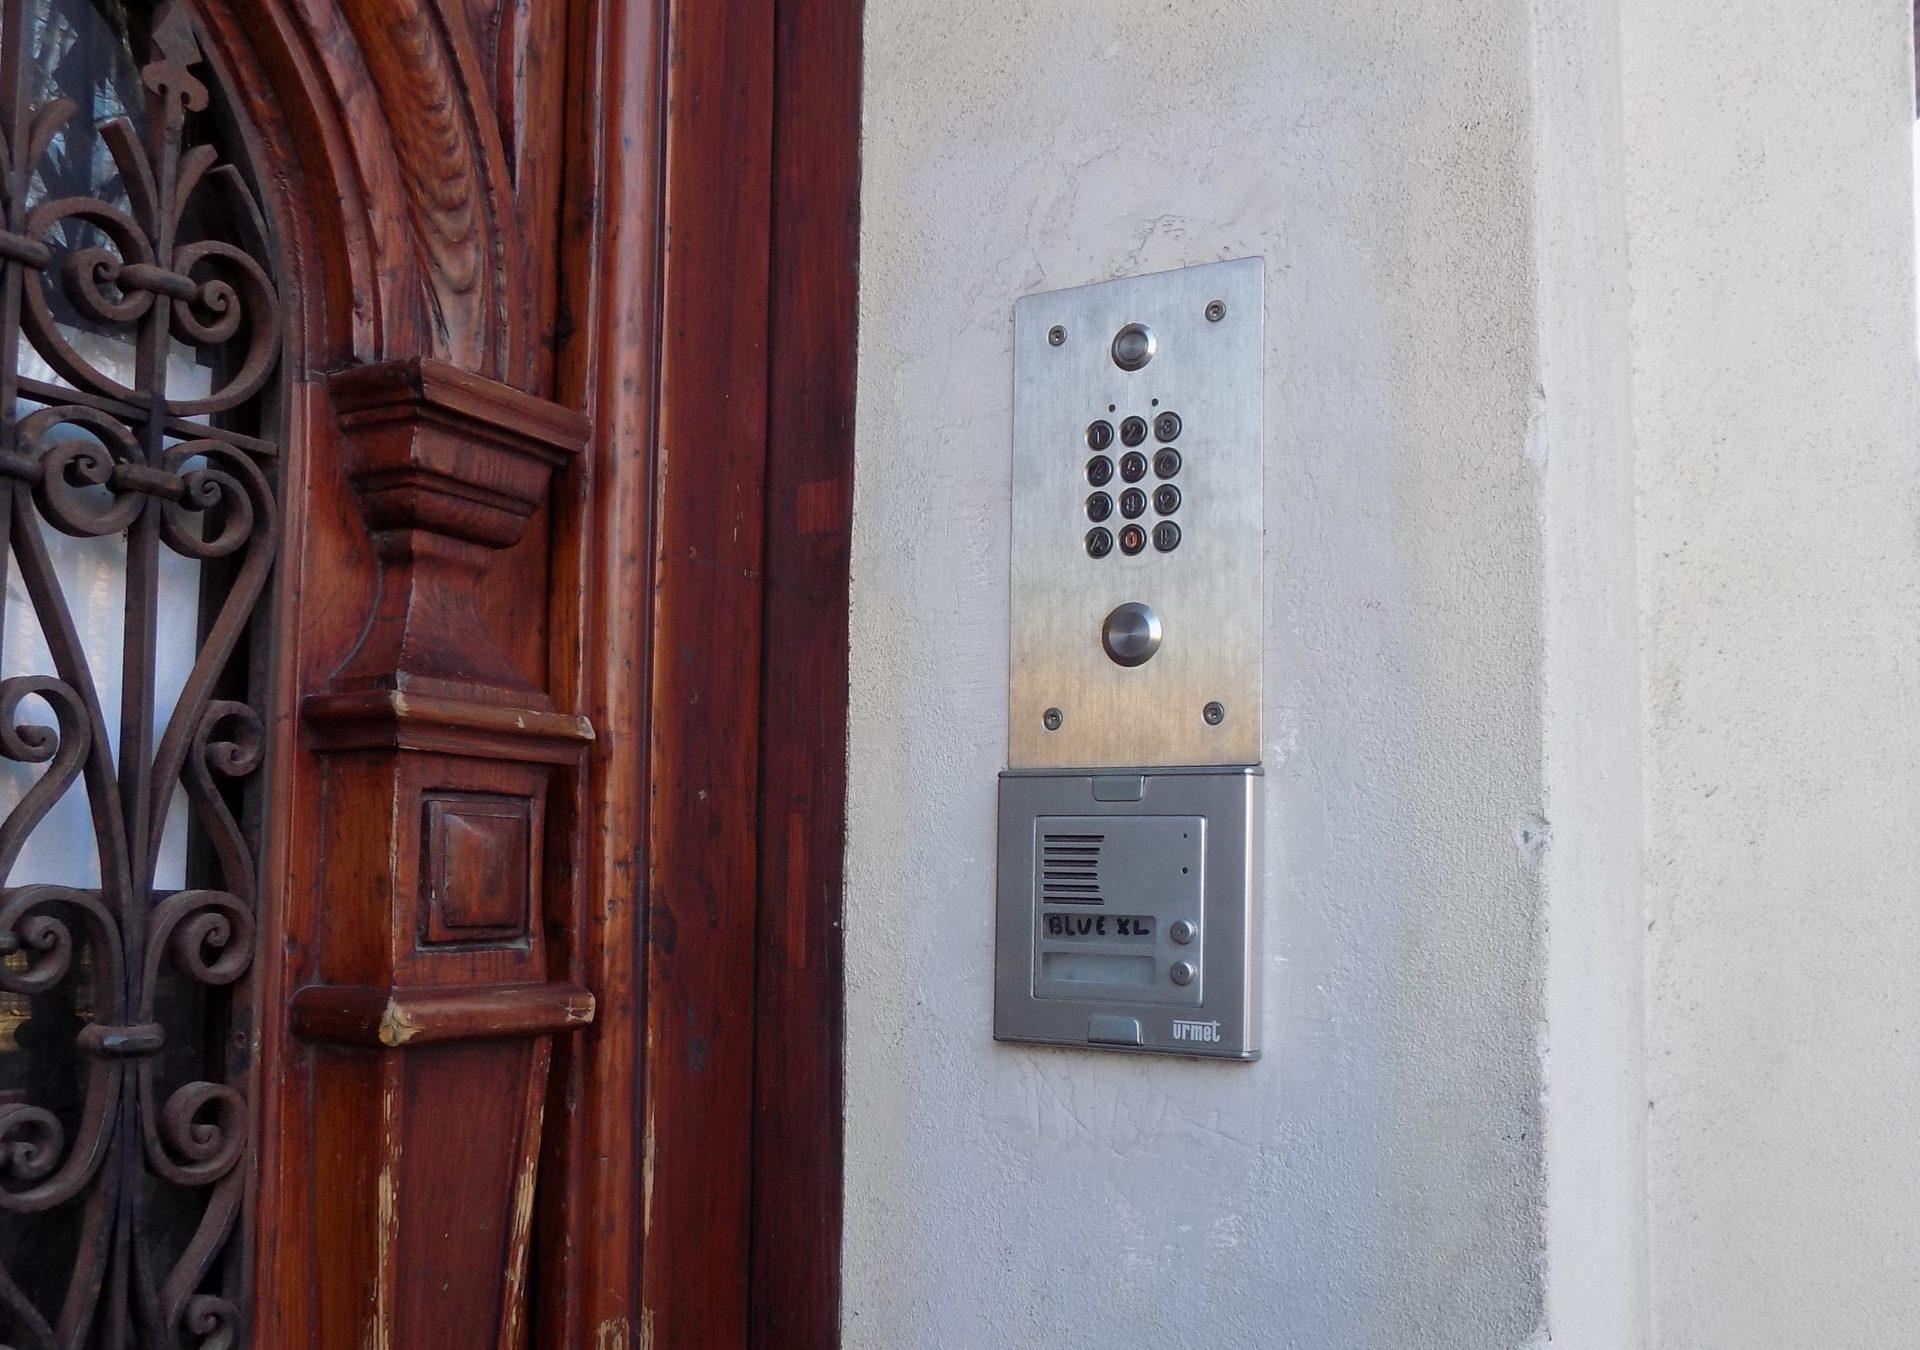 Kamienica ul. Dietla 85, Kraków – domofon, kontrola dostępu